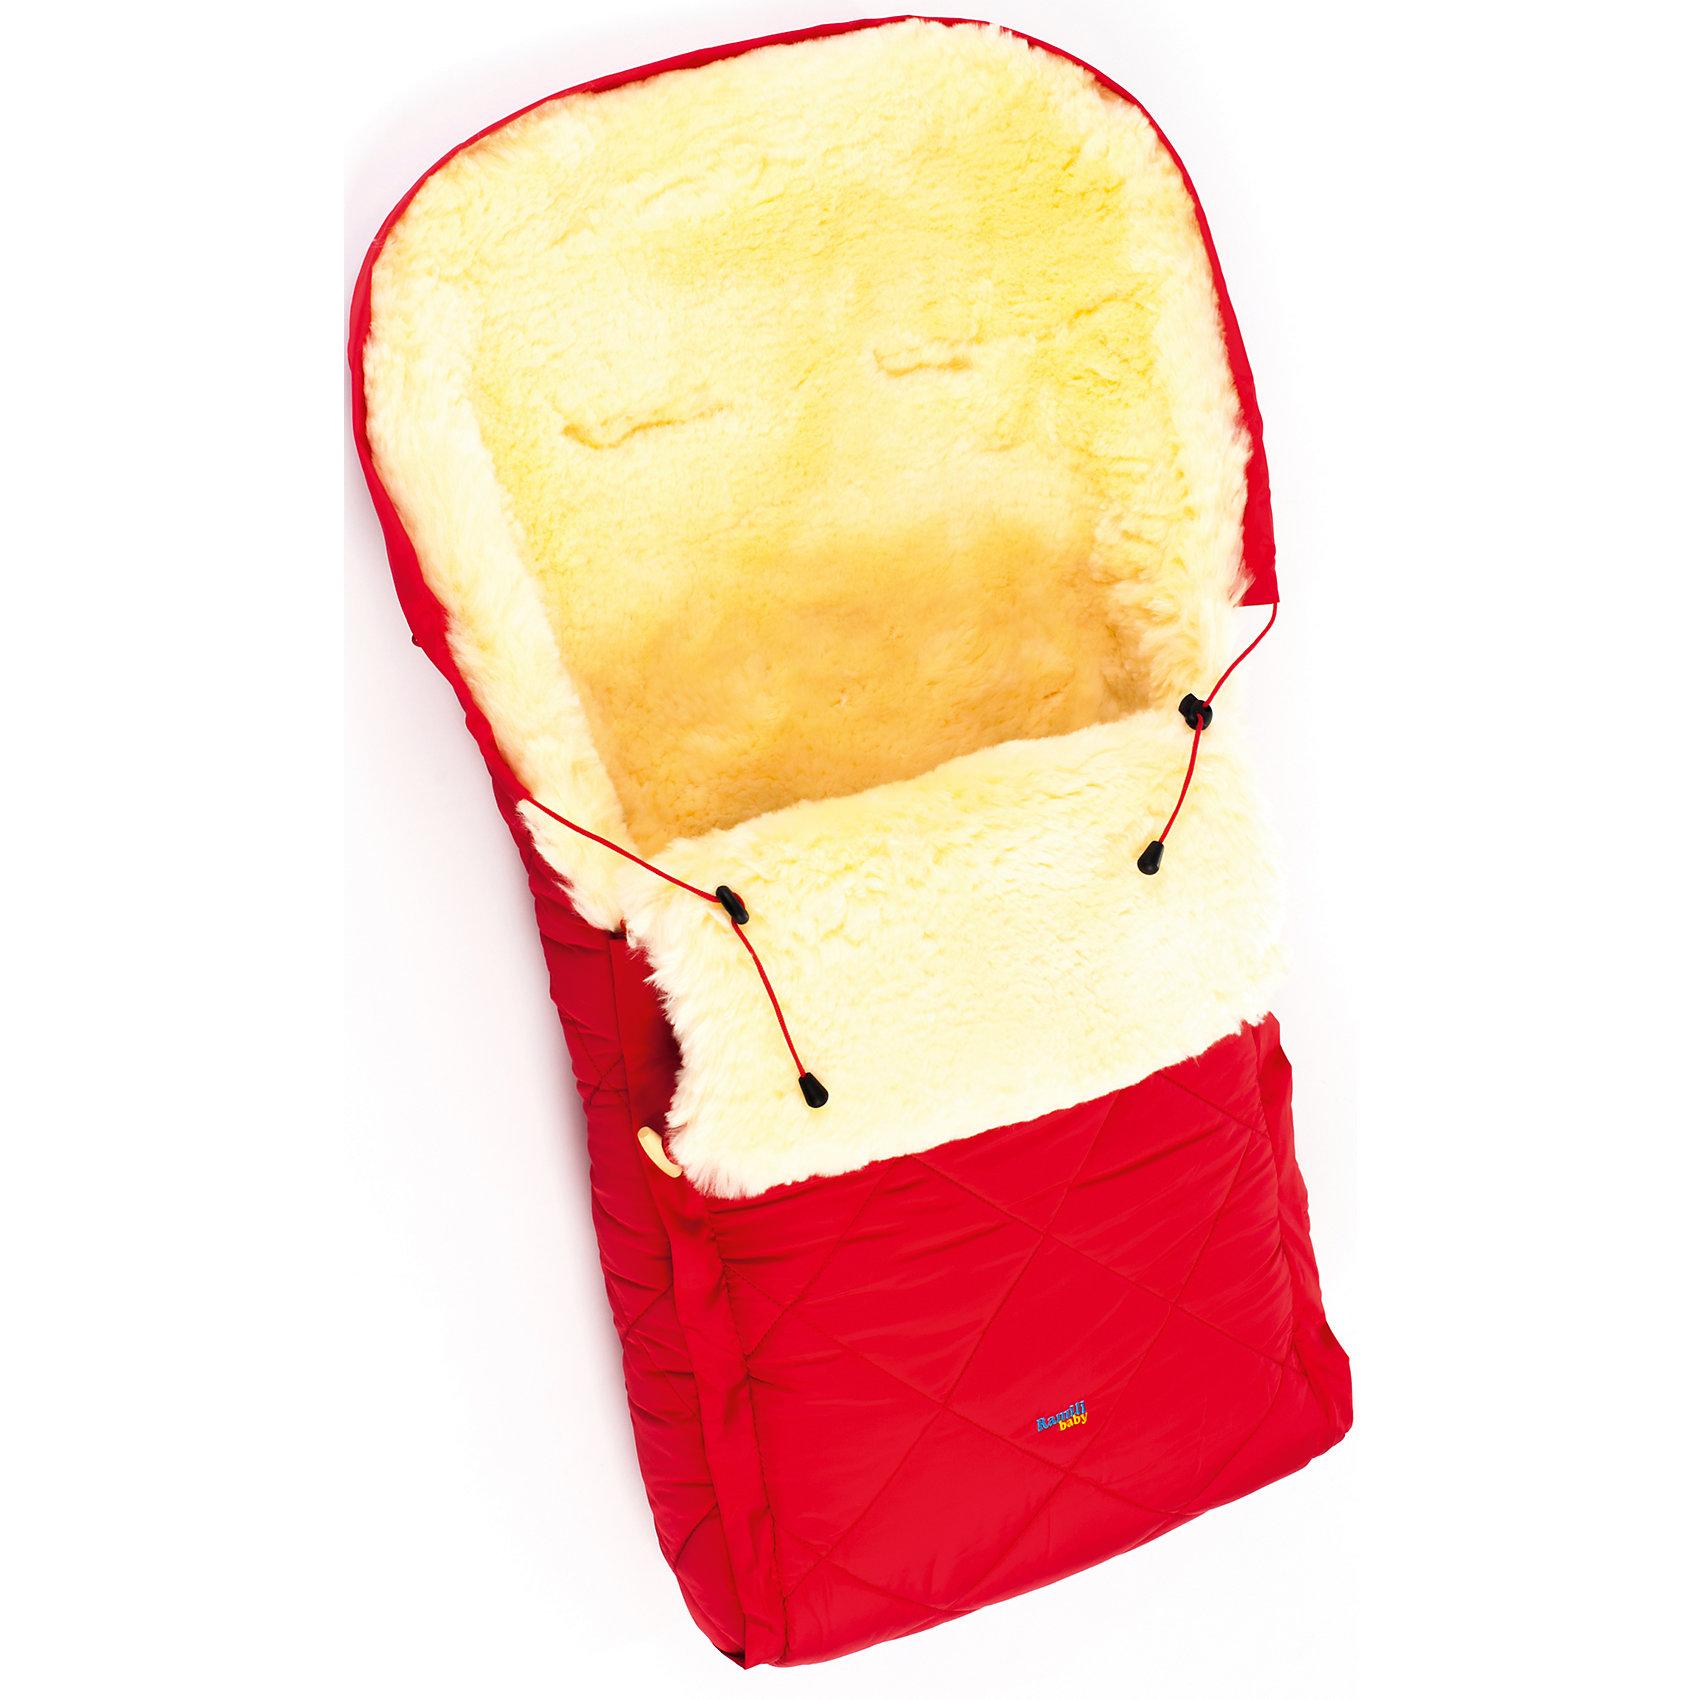 Конверт в коляску натур овчина, Ramili, красныйКонверт в коляску натур овчина, Ramili, красный изготовлен по британской технологии с соблюдением всех норм и требований к безопасности для изделий, предназначенных для новорожденных. Верх конверта выполнен из плащевой ткани, которая обеспечивает защиту от ветра и влаги, при этом обладает высокими износоустойчивыми свойствами; внутренняя часть – из натуральной овчины, выделанной по специализированной технологии обработки, при которой не используются красители и химические вещества. При этом при обработке сохраняются свойства натуральной овчины и завиток, который обеспечивает повышенные теплоизоляционные свойства. Изделие обладает высокими гипоаллергенными свойствами. Конверт удобен в использовании: сбоку имеется молния,егивании которой, конверт делится на две части, это позволяет его использовать и как коврик в санки или на пол для игр ребенка; Сверху предусмотрена стяжка, благодаря которой верхняя часть стягивается в капюшон. Конверт выполнен в ярком цвете, что позволит его использовать для выписки в зимнее время.<br>Конверт в коляску натур овчина, Ramili, красный – это качественные, комфортные и многофункциональные изделия для самых маленьких!<br><br>Характеристики:<br>Сезон: зима<br>Cостав: верх конверта – полиэстер, меховой подклад – овчина, 100%<br>Размеры конверта (Д*Ш): 95*45 см<br>Верх стягивается в капюшон<br>Наличие застежки-молнии<br>Предусмотрены прорези для ремней безопасности<br>Трансформируется в коврик<br>Уход: машинная стирка при температуре не более 40 градусов<br><br>Конверт в коляску натур овчина, Ramili, красный можно купить в нашем интернет-магазине.<br><br>Ширина мм: 900<br>Глубина мм: 600<br>Высота мм: 200<br>Вес г: 1000<br>Цвет: красный<br>Возраст от месяцев: 0<br>Возраст до месяцев: 12<br>Пол: Унисекс<br>Возраст: Детский<br>SKU: 4980602